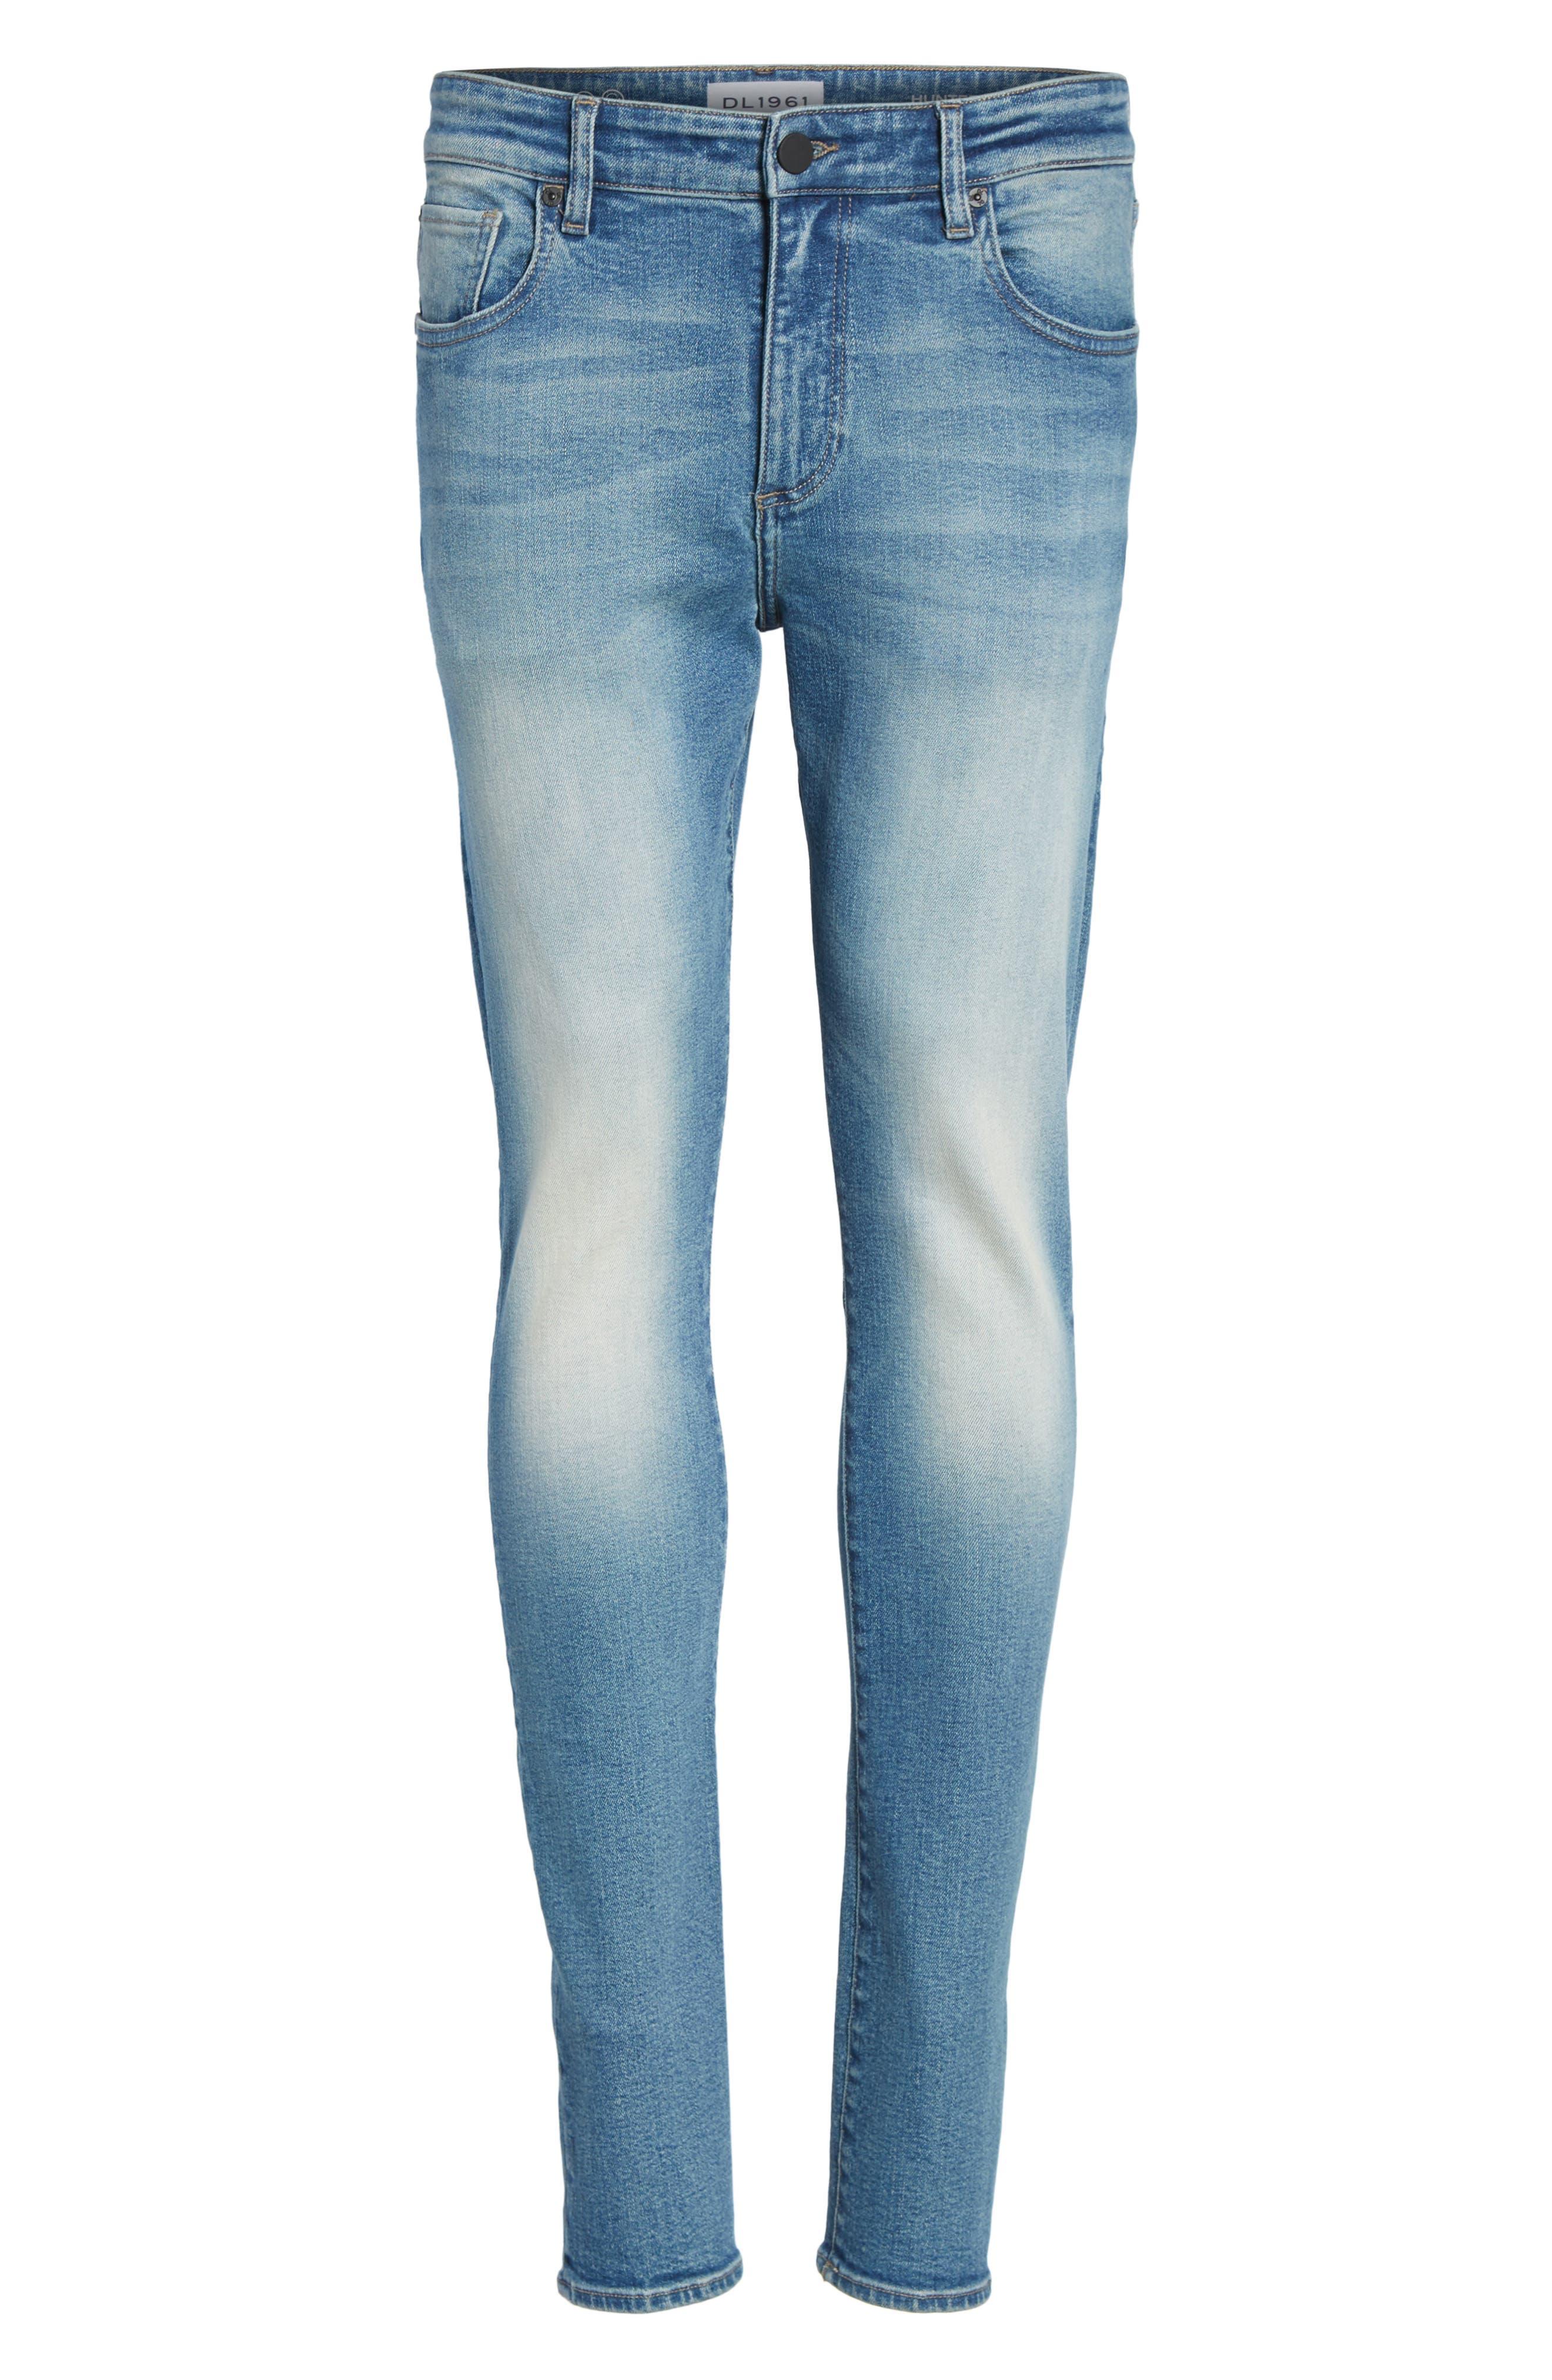 Hunter Skinny Jeans,                             Alternate thumbnail 6, color,                             HALT 2